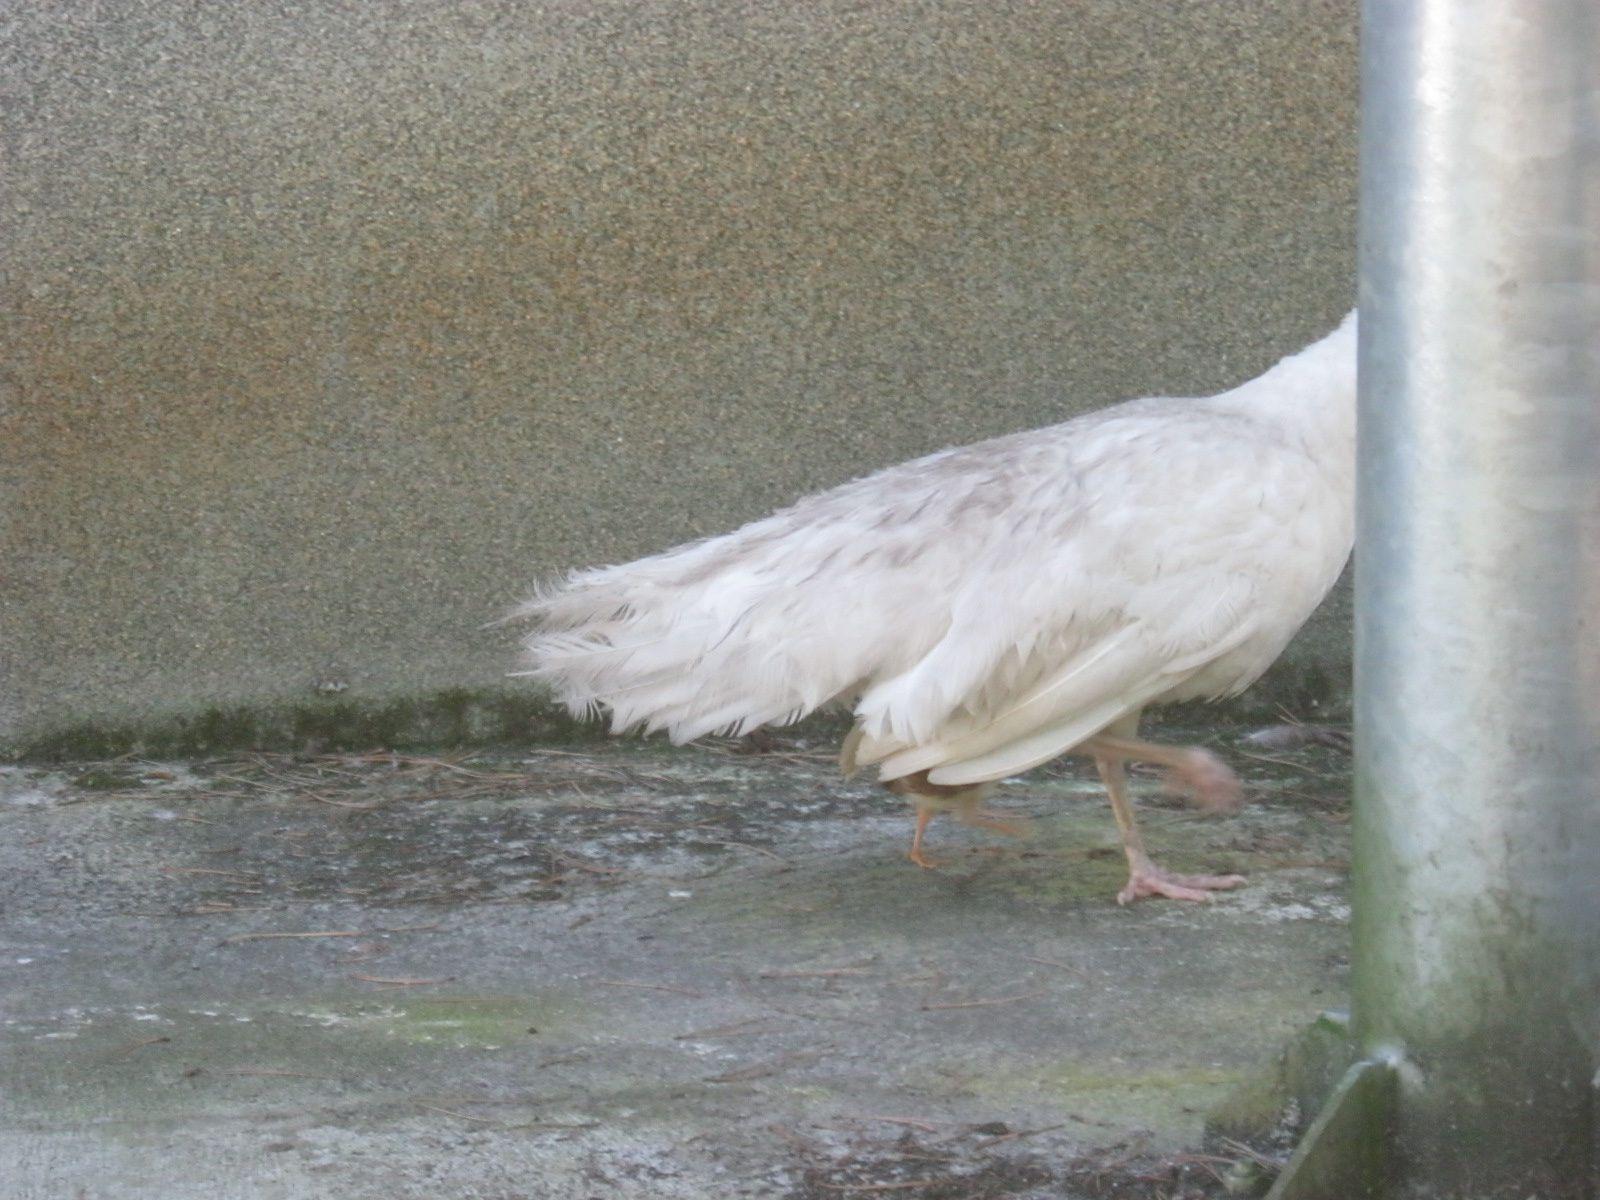 sur la 3ème photo on aperçoit ses pattes dessous sa maman (ça marche vite ces petites bêtes ! )